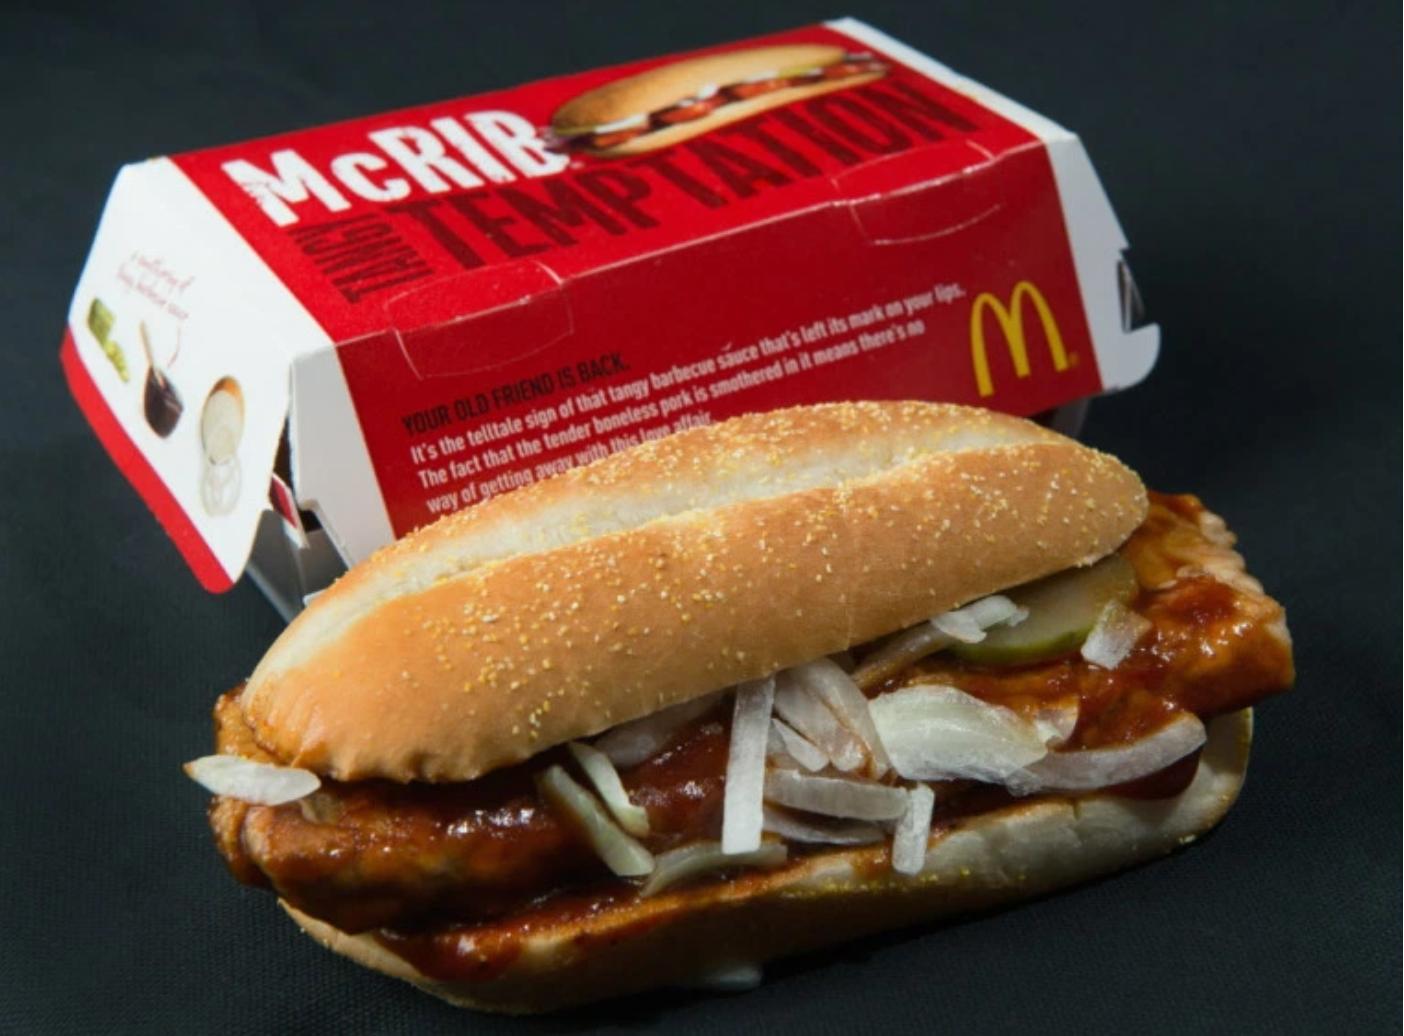 Top 10 McDonalds Secrets – McRib